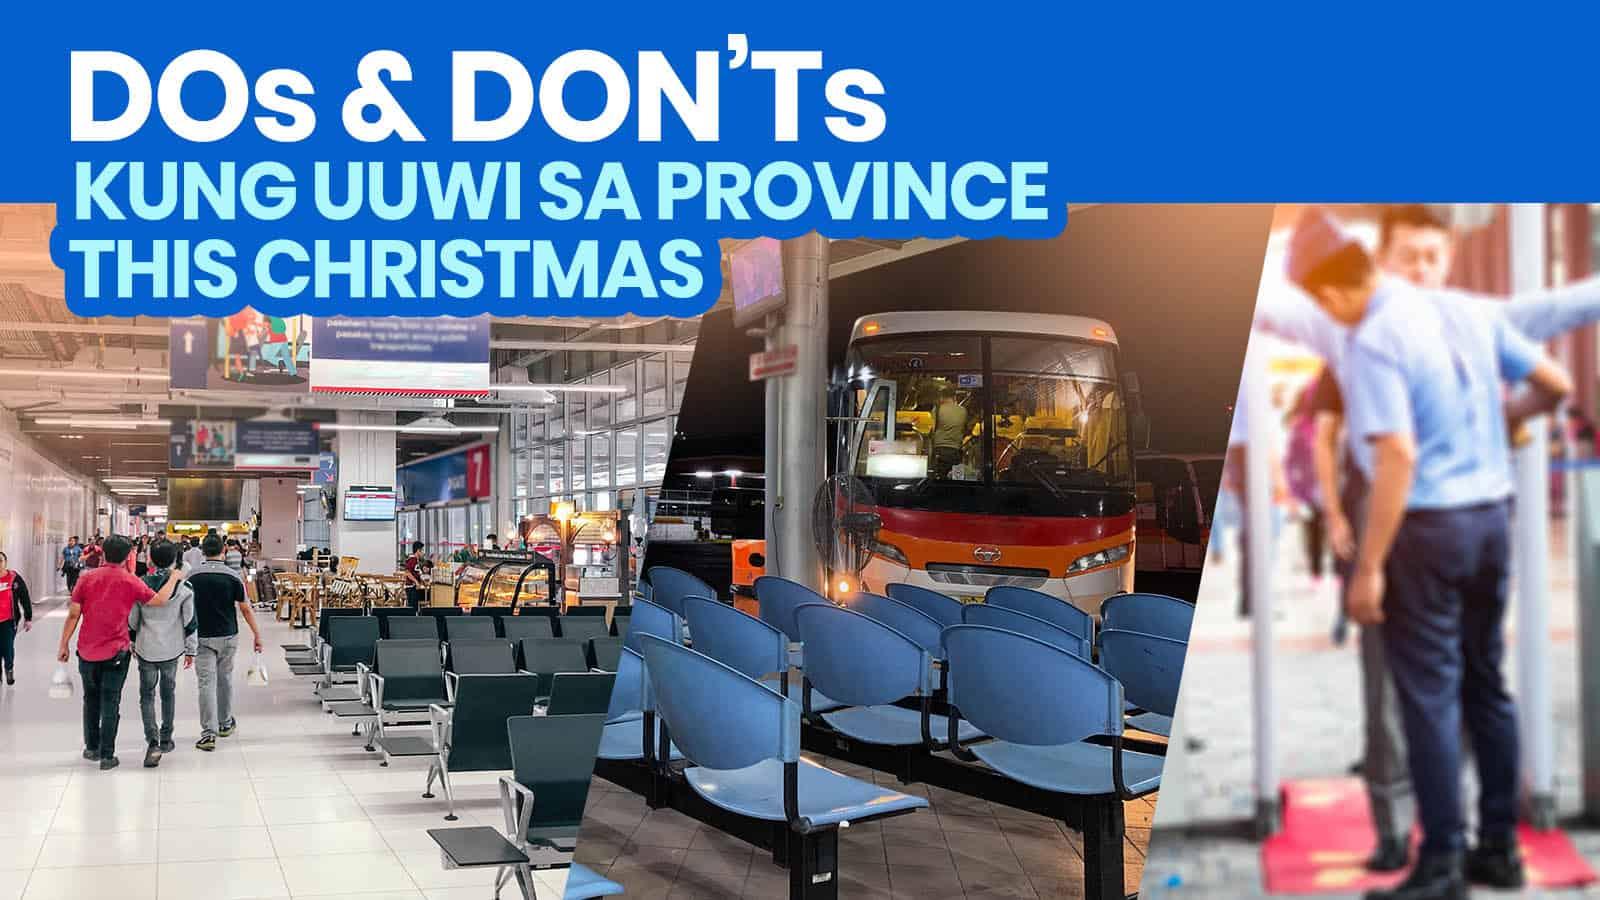 12 DOs and DON'Ts Kung Uuwi sa Probinsya This CHRISTMAS